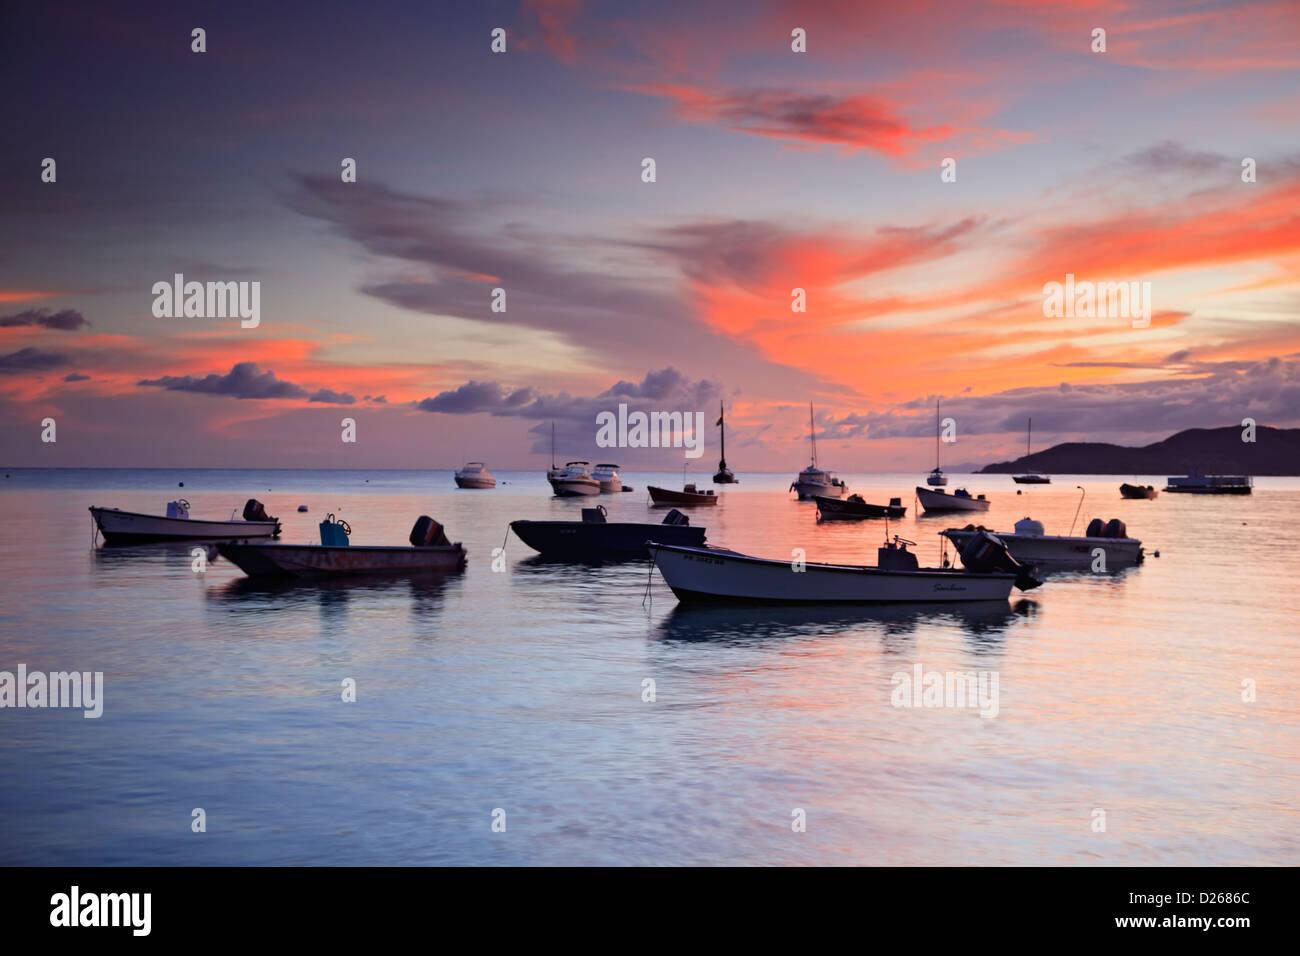 Bateaux de pêche au coucher du soleil, Esperanza, Vieques, Puerto Rico Photo Stock